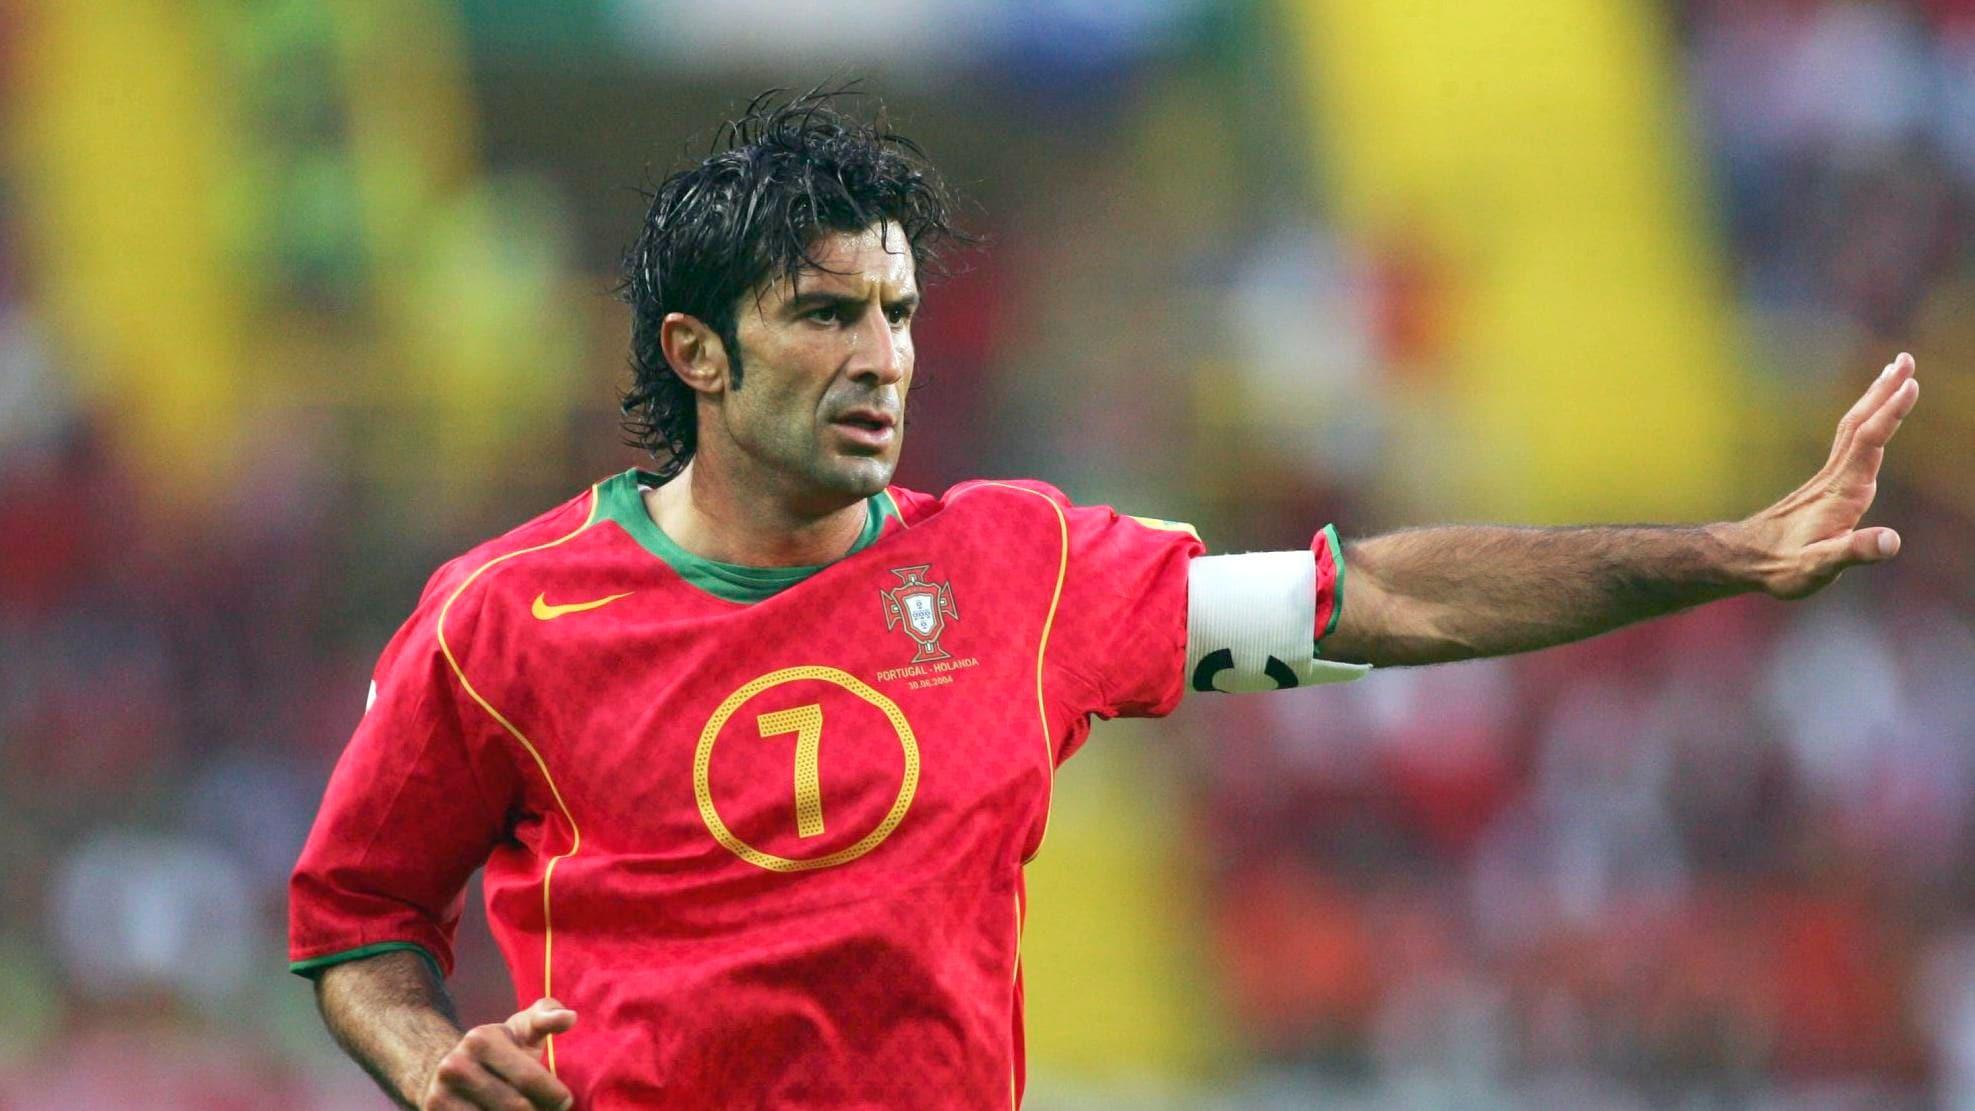 Luis Figo, einer der besten Flügelspieler in der Geschichte